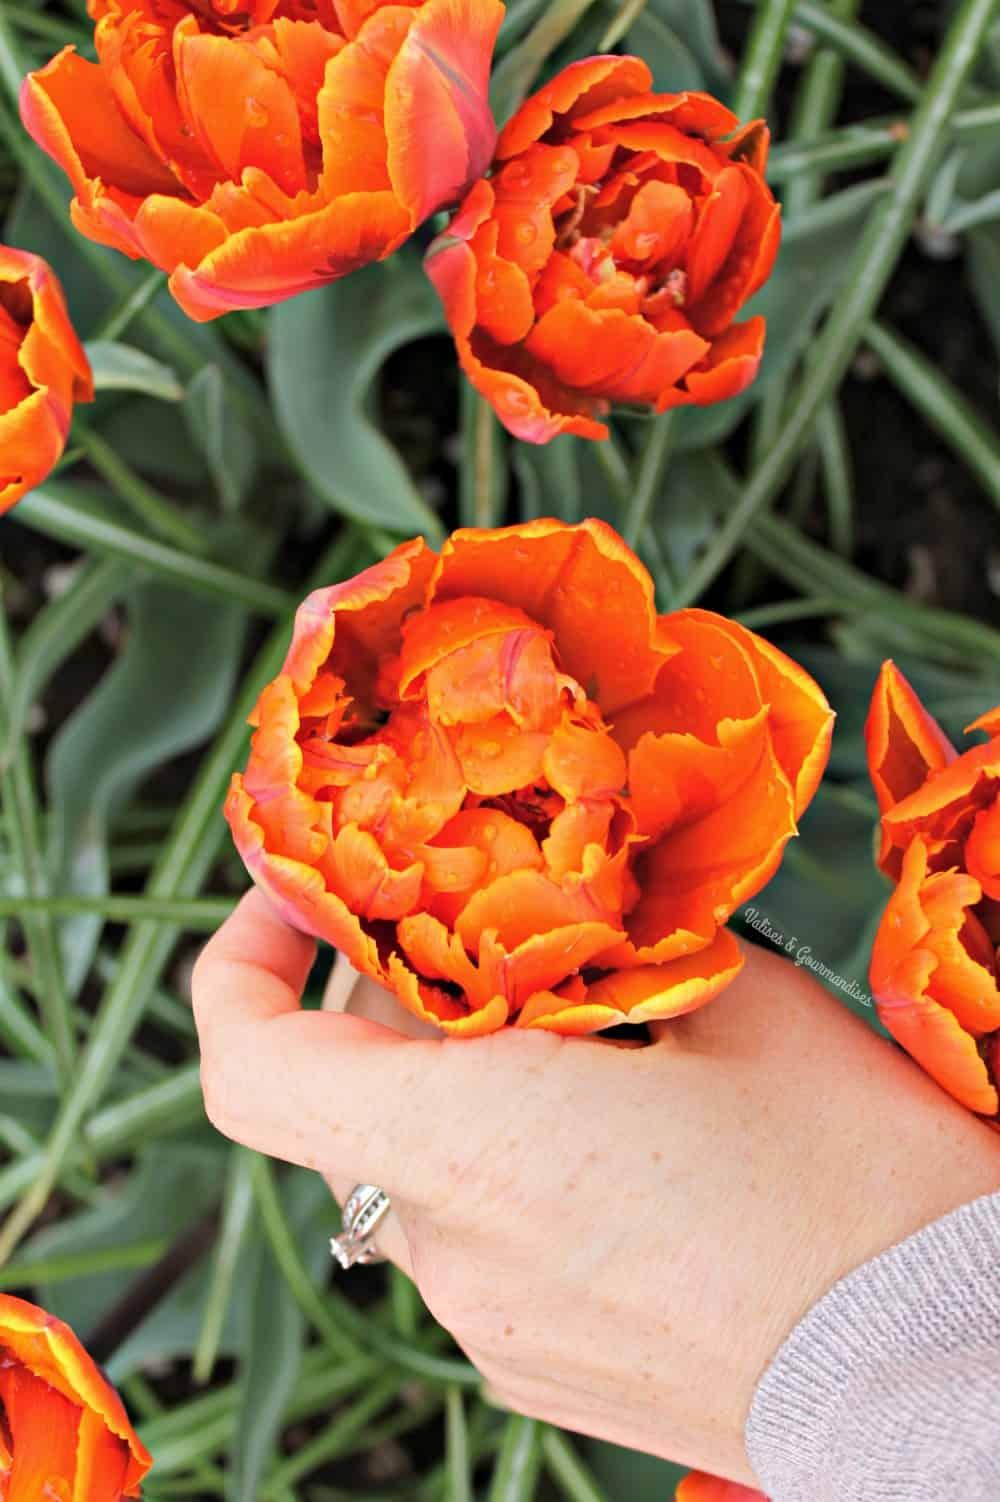 Tulip season at Keukenhof, Netherlands